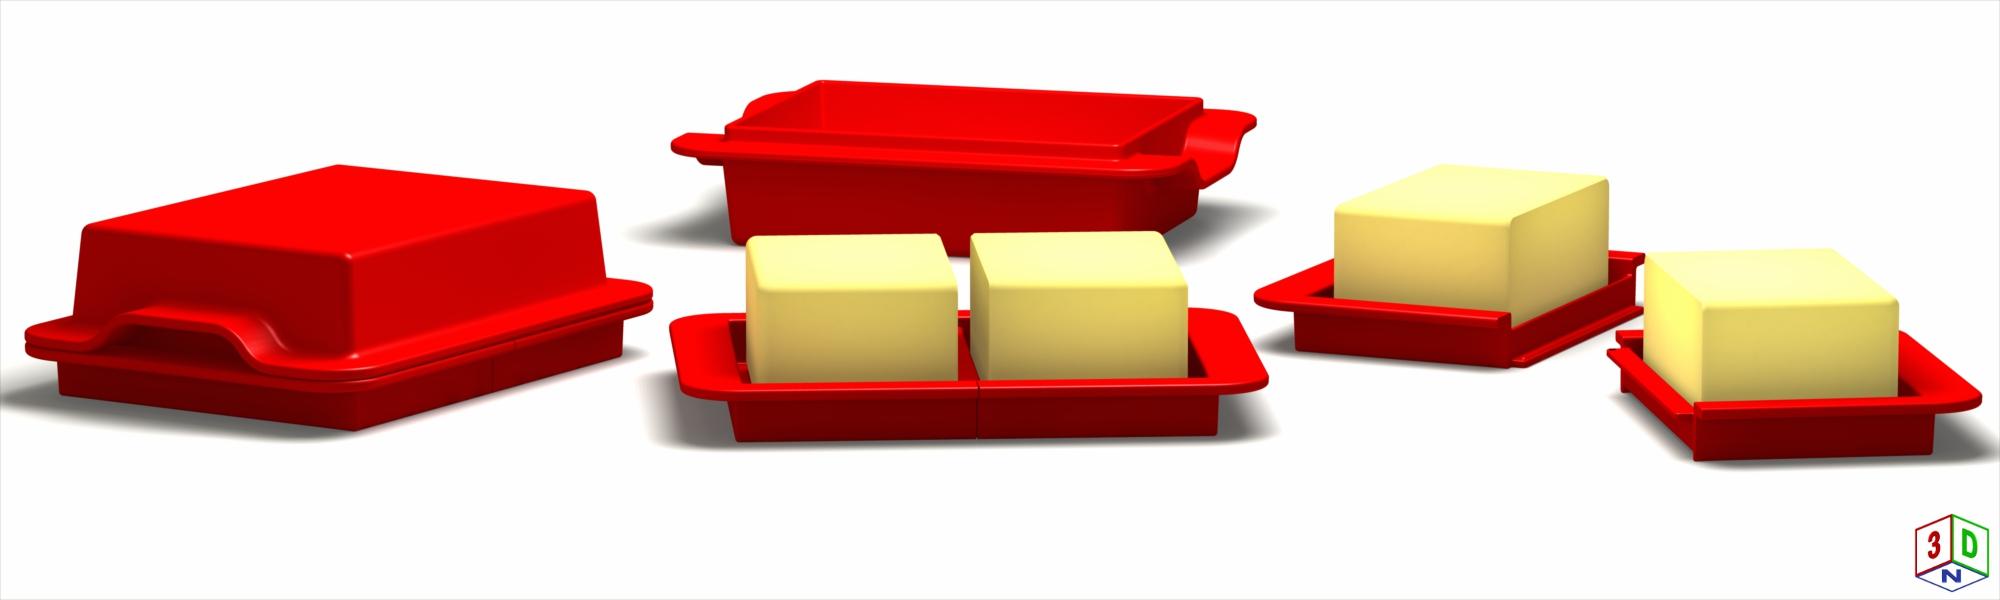 Dreiteilige Butterdose